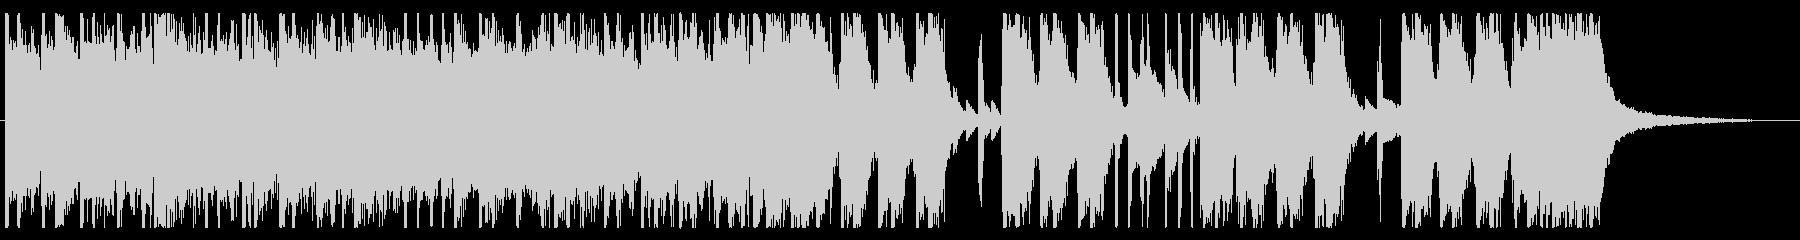 ロック調のエネルギッシュなジングルの未再生の波形